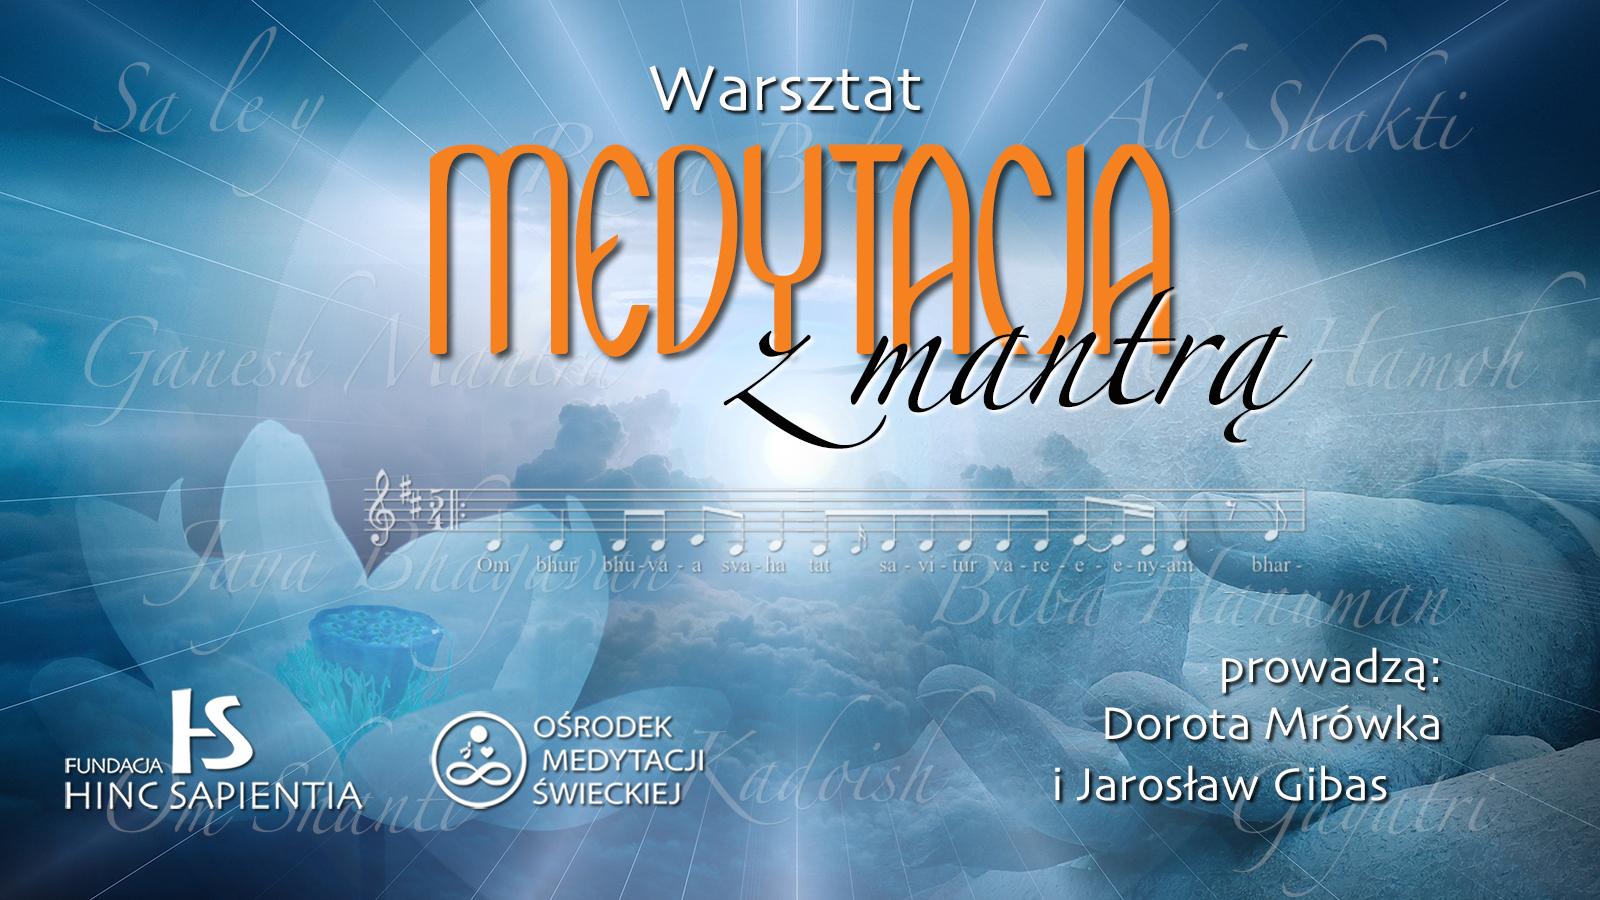 medytacja_z_mantra_core